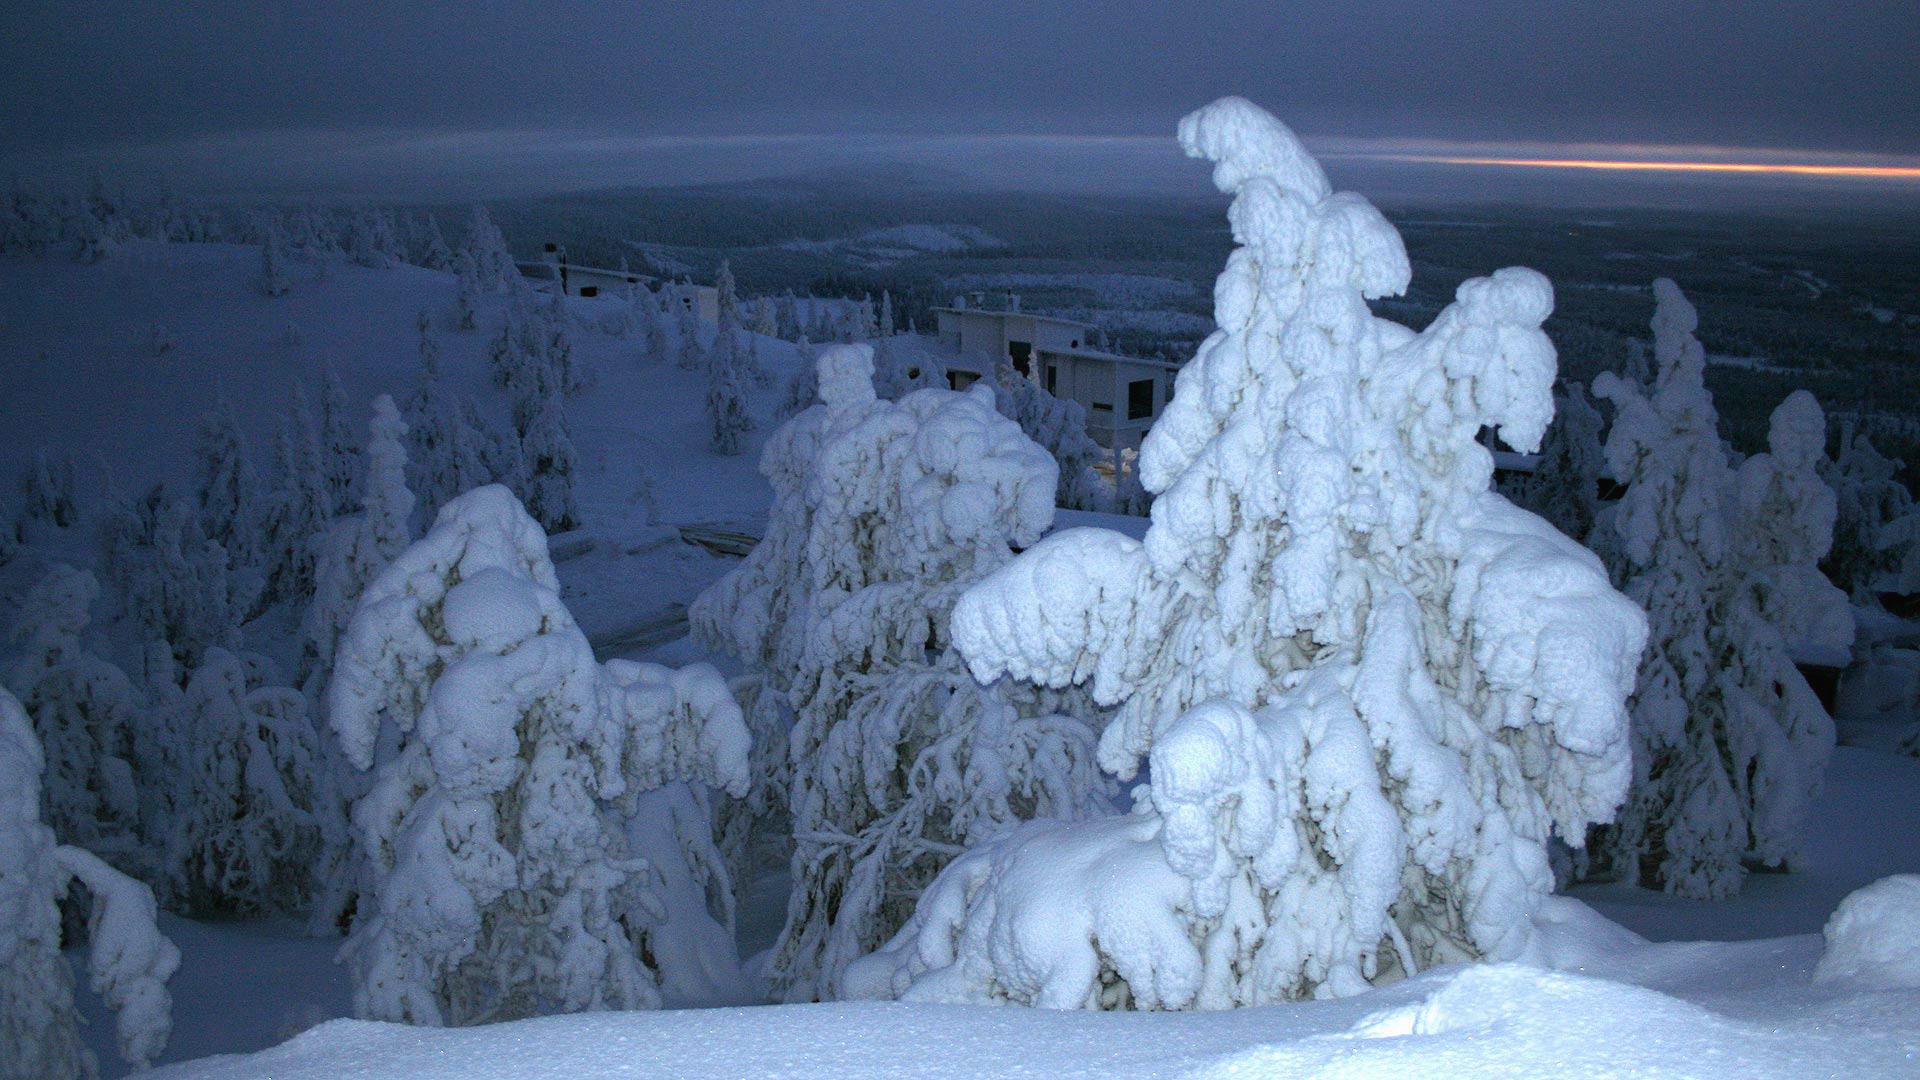 Talvisessa Vaara Suomessa Opettajalle Oppiminen Yle Fi